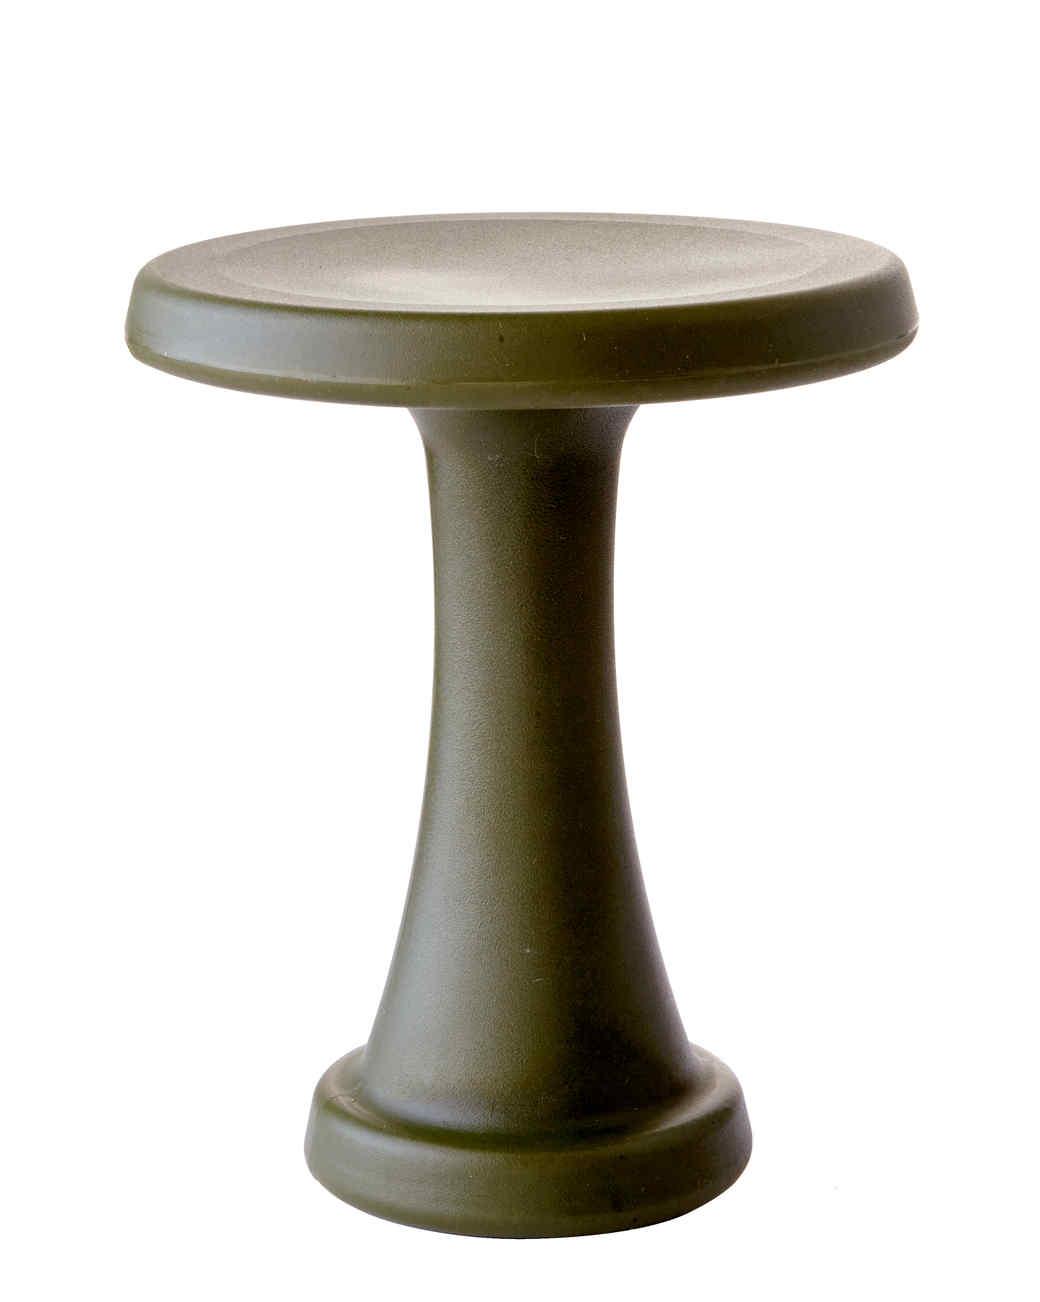 garden-stool-4531-d111384.jpg